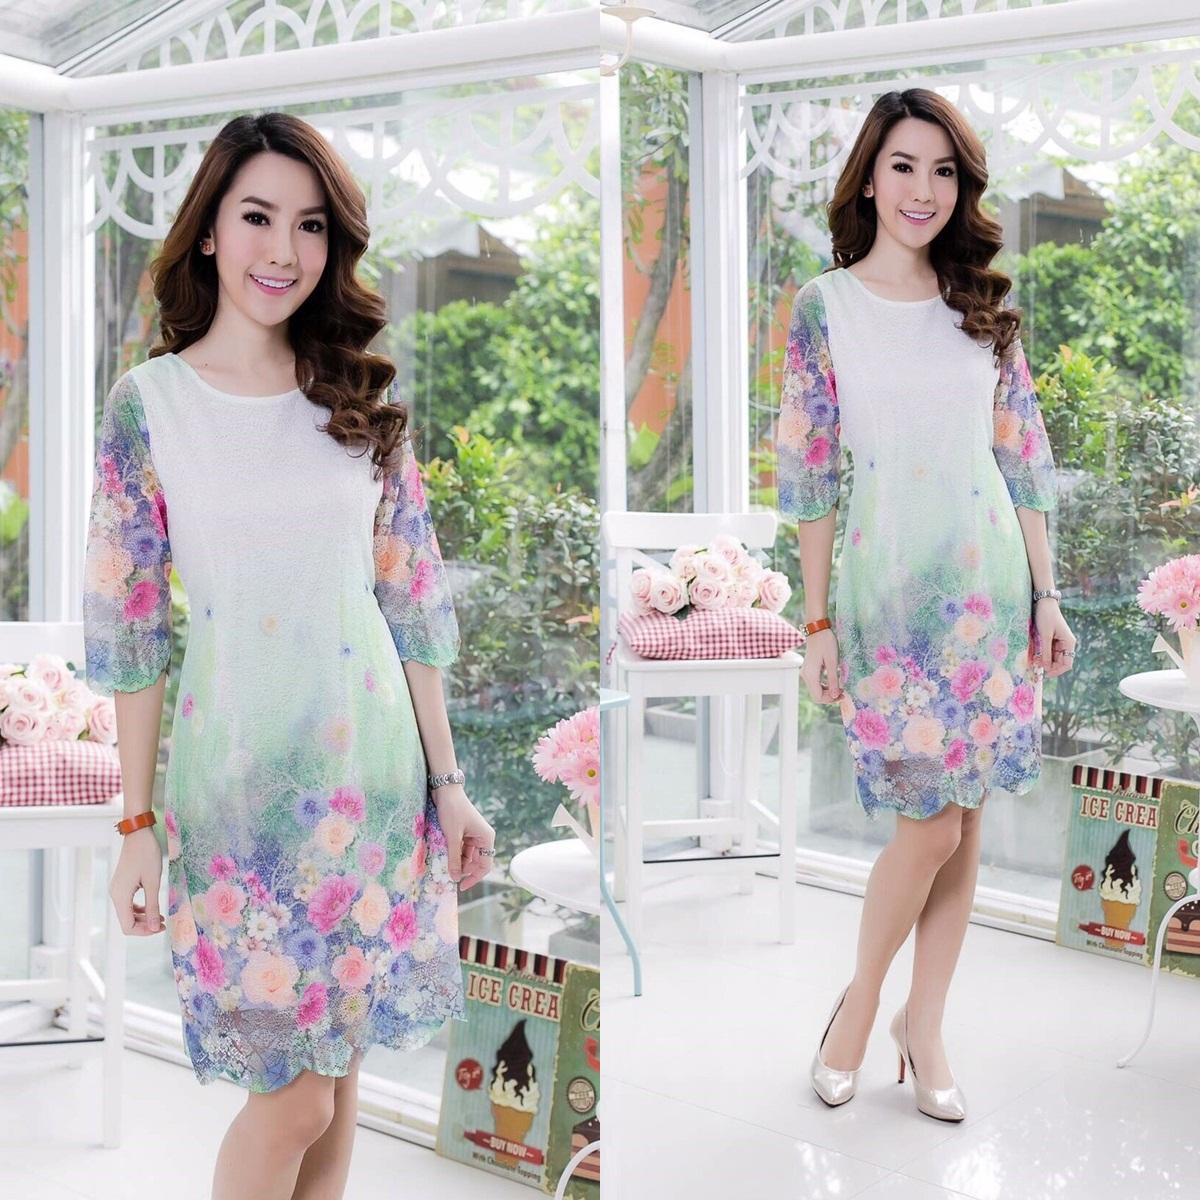 5 Size= M,L,XL,3XL,5XL เดรสผ้าลูกไม้ฉลุลายบนผ้า นำเข้าจากญี่ปุ่น โทนสีเขียว แขนสามส่วน กระโปรงลายเชิงสวยงาม